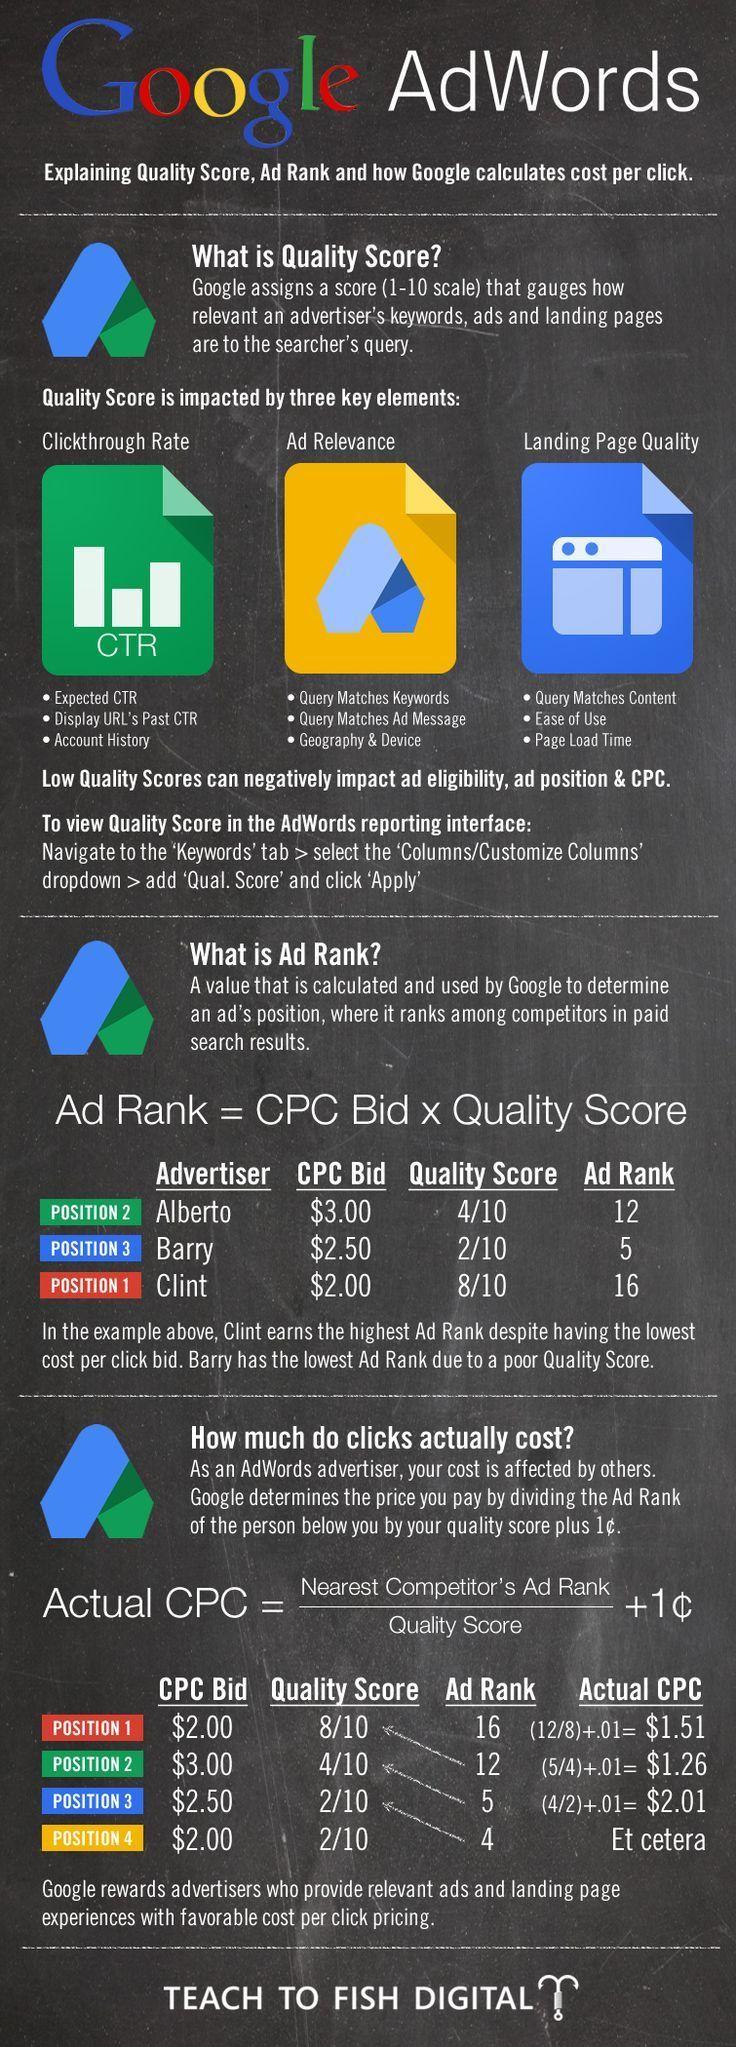 ☳ ۞  Das kleine Google Adwords 1x1 [infografik]:  |  https://de.pinterest.com/categories/technology/    https://de.pinterest.com/astago/marketinghacks/